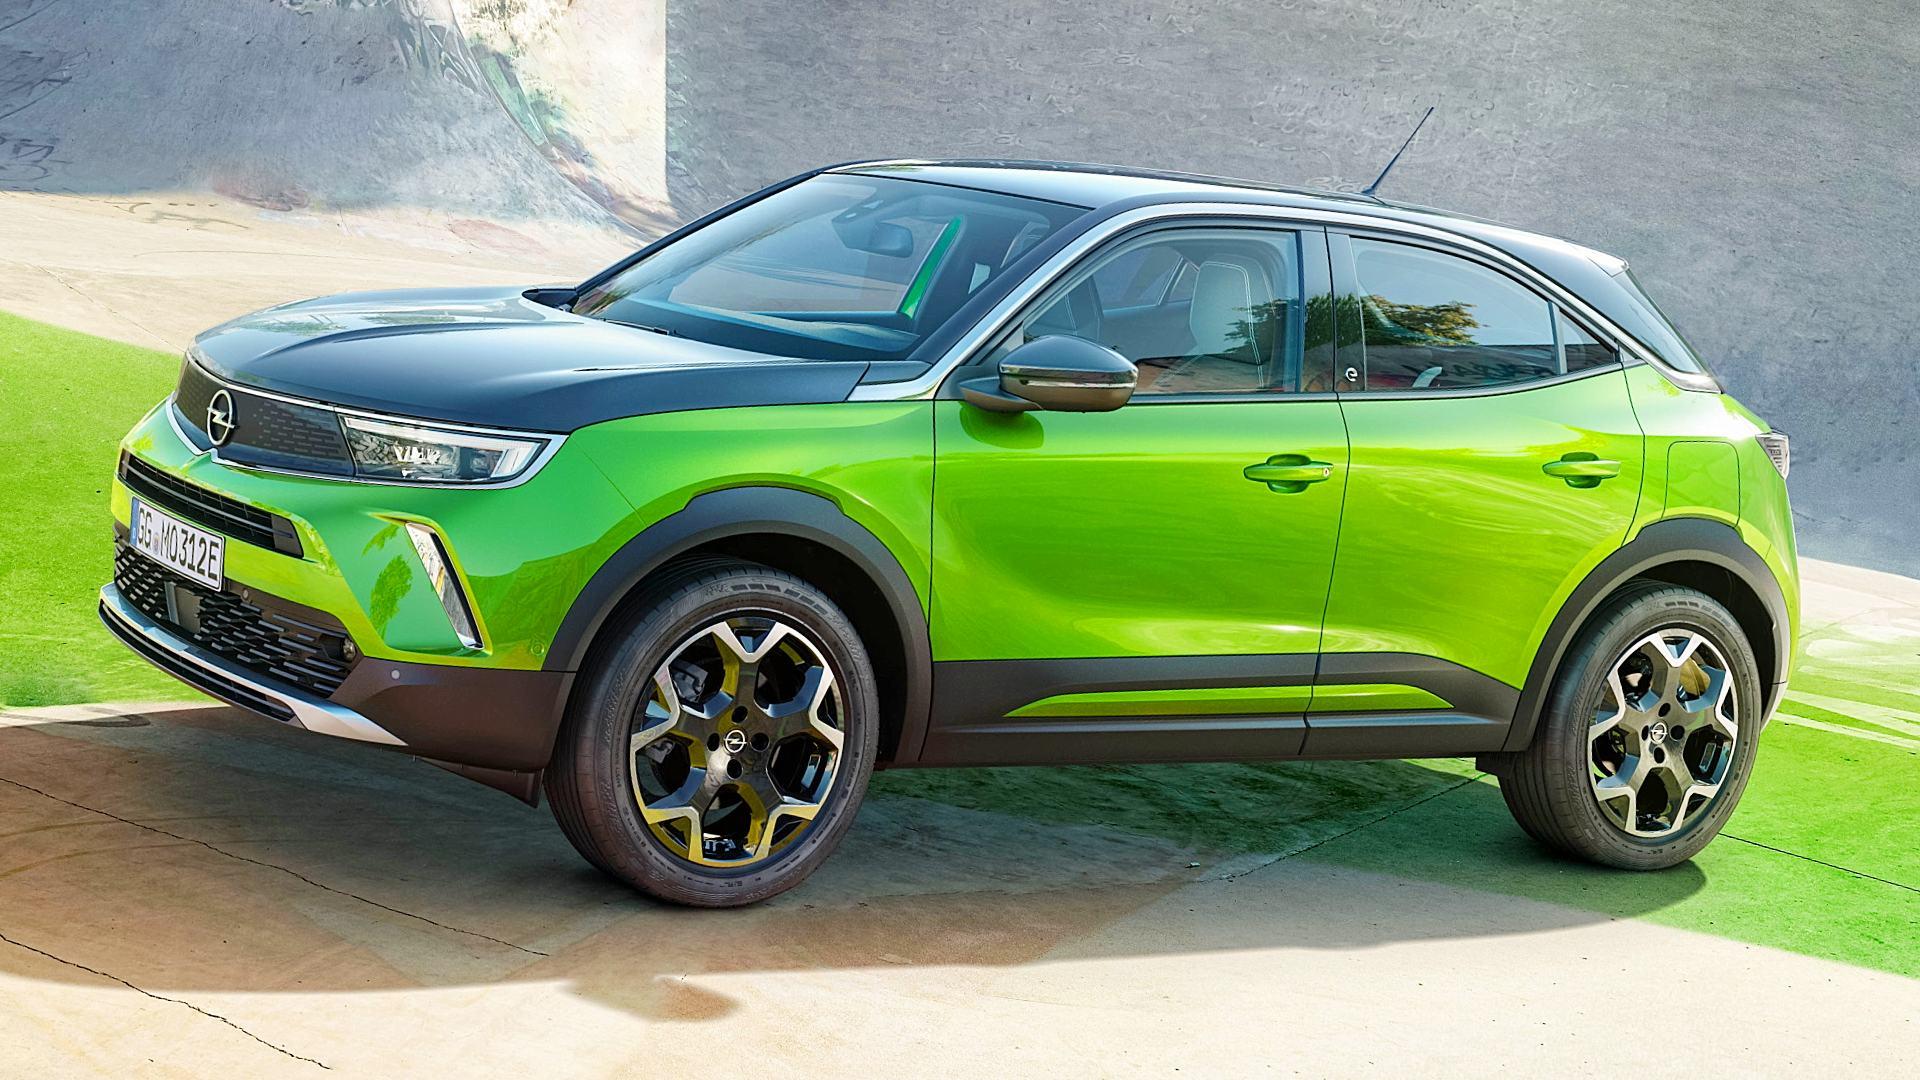 2021 Opel Mokka-e Images